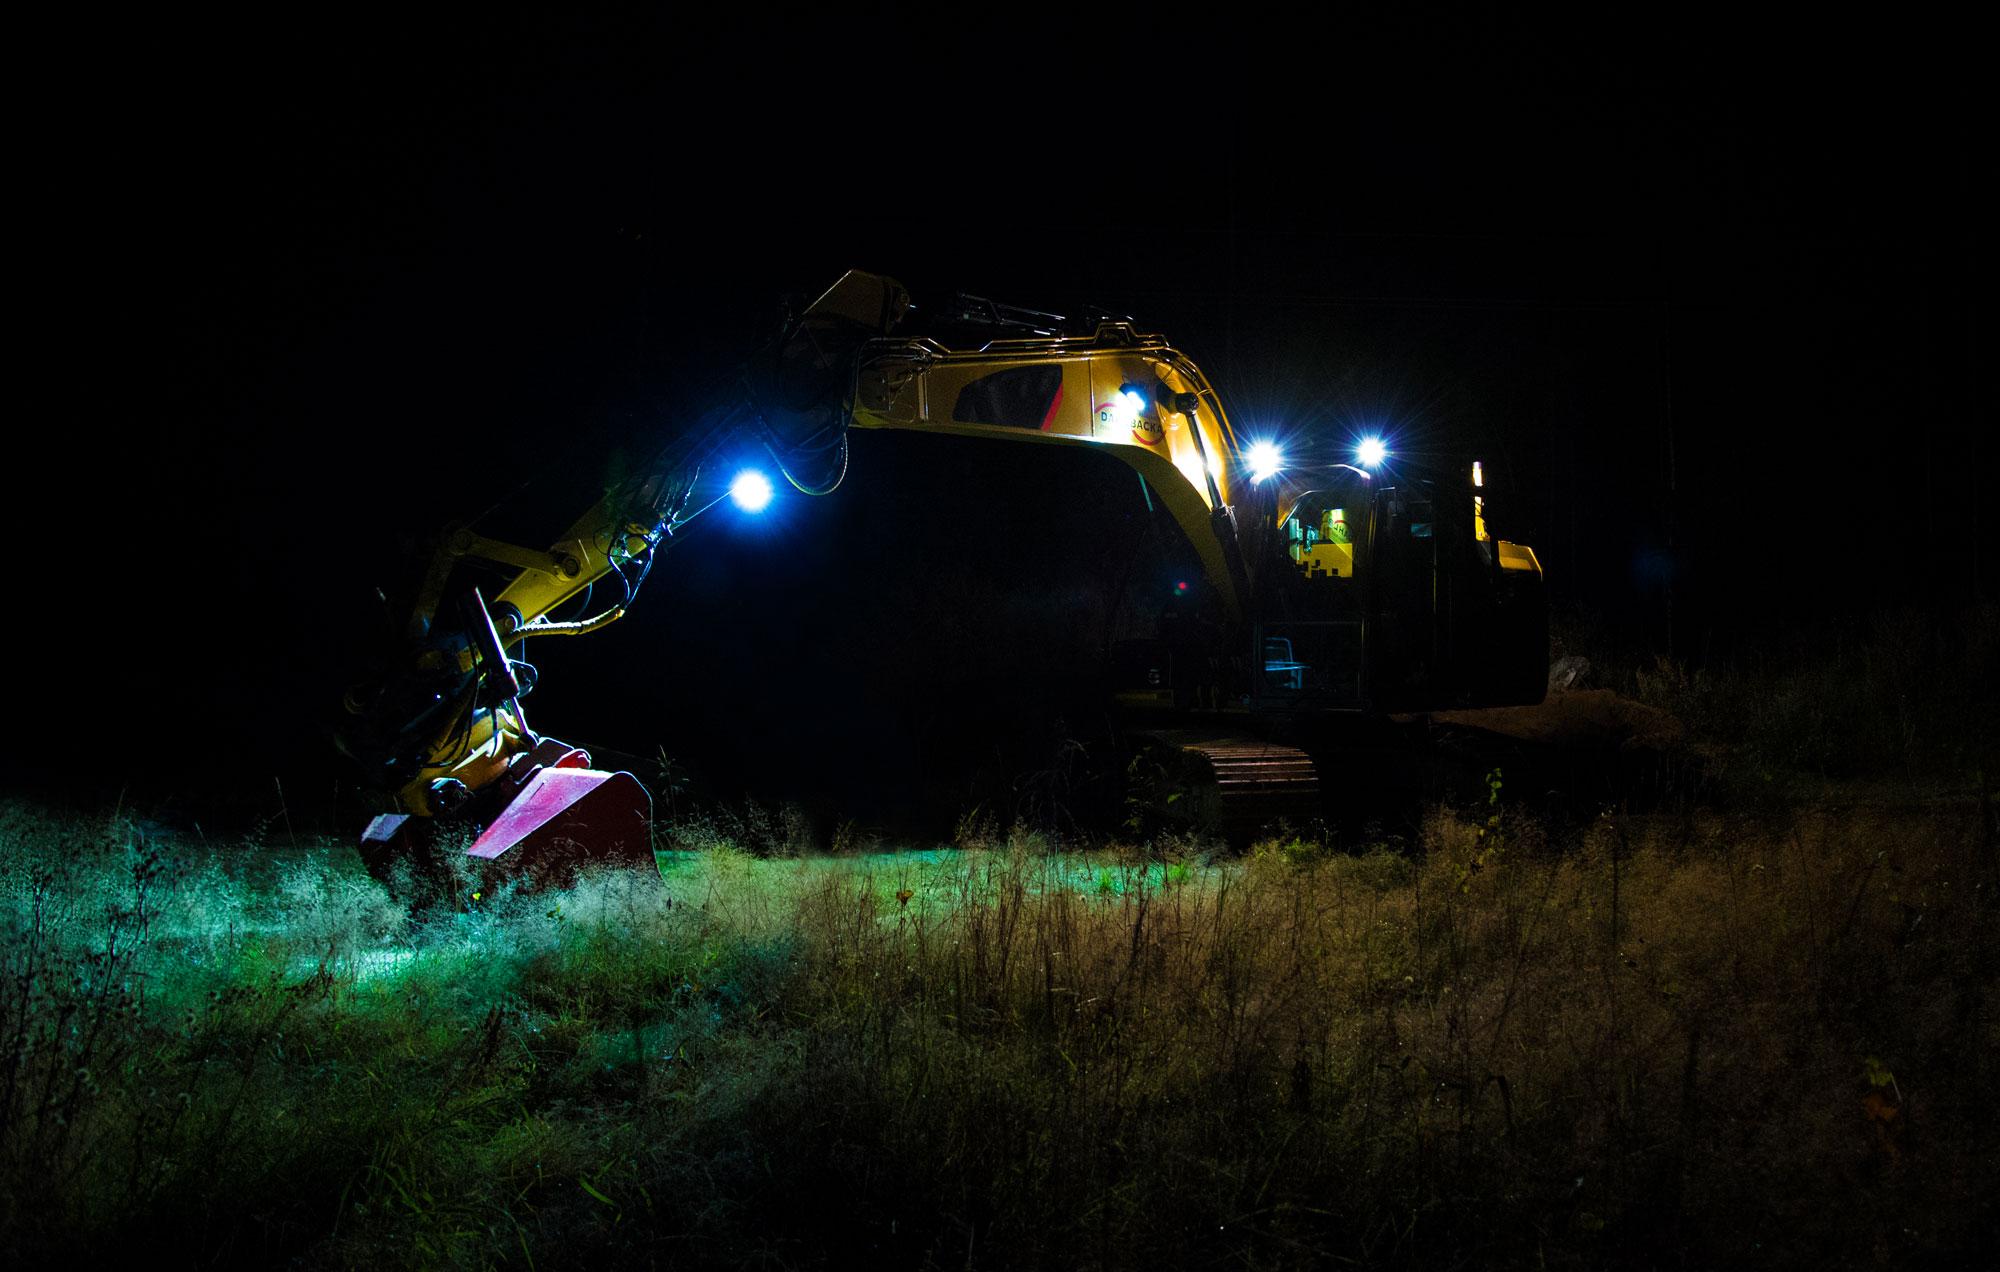 Escavadeira (digger) amarela equipada com LED da Nordic Lights